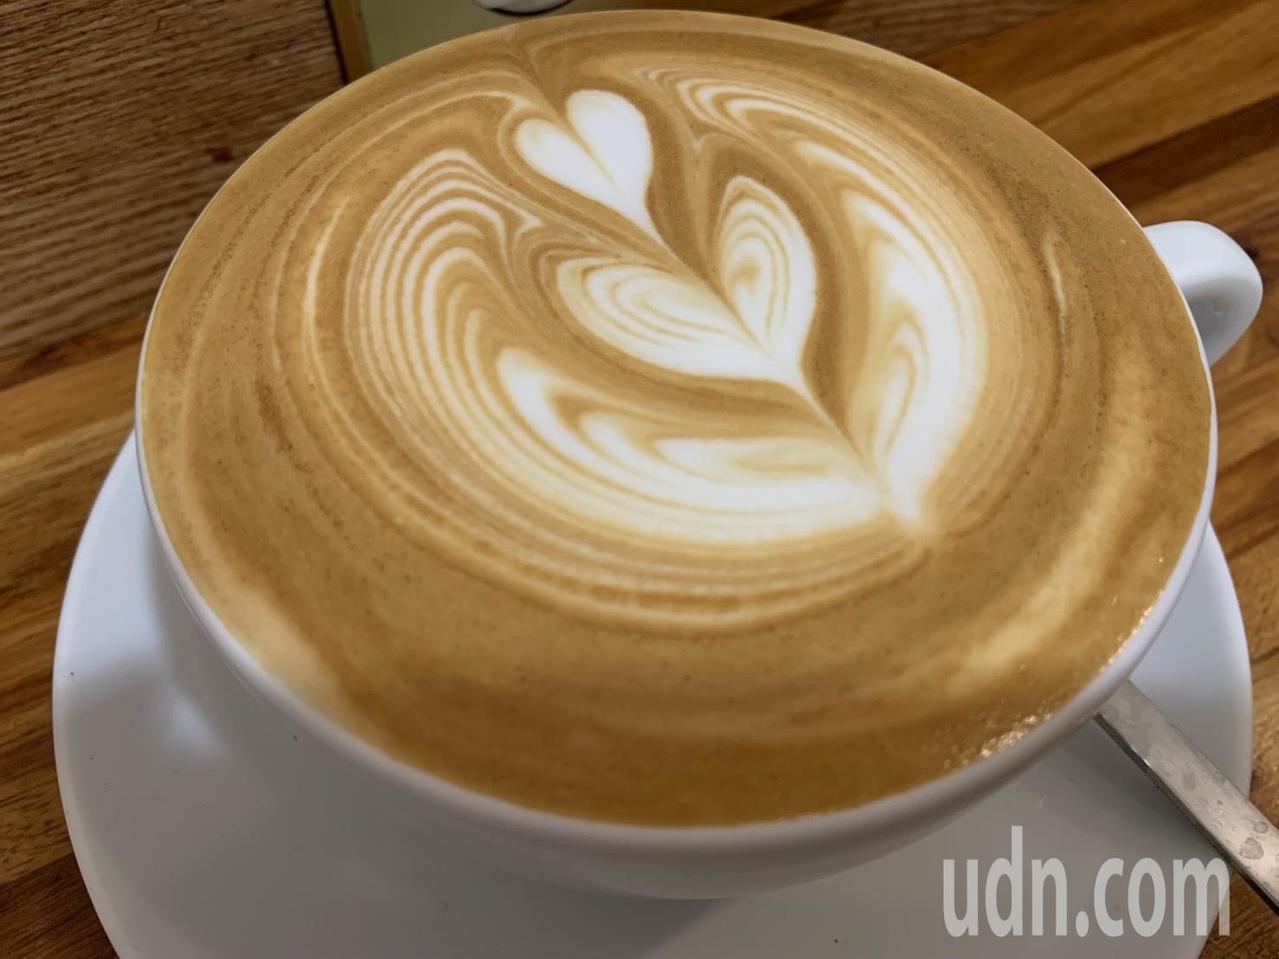 咖啡配三明治竟被列為鈣磷不平衡的危險早餐組合之一。記者陳雨鑫/攝影